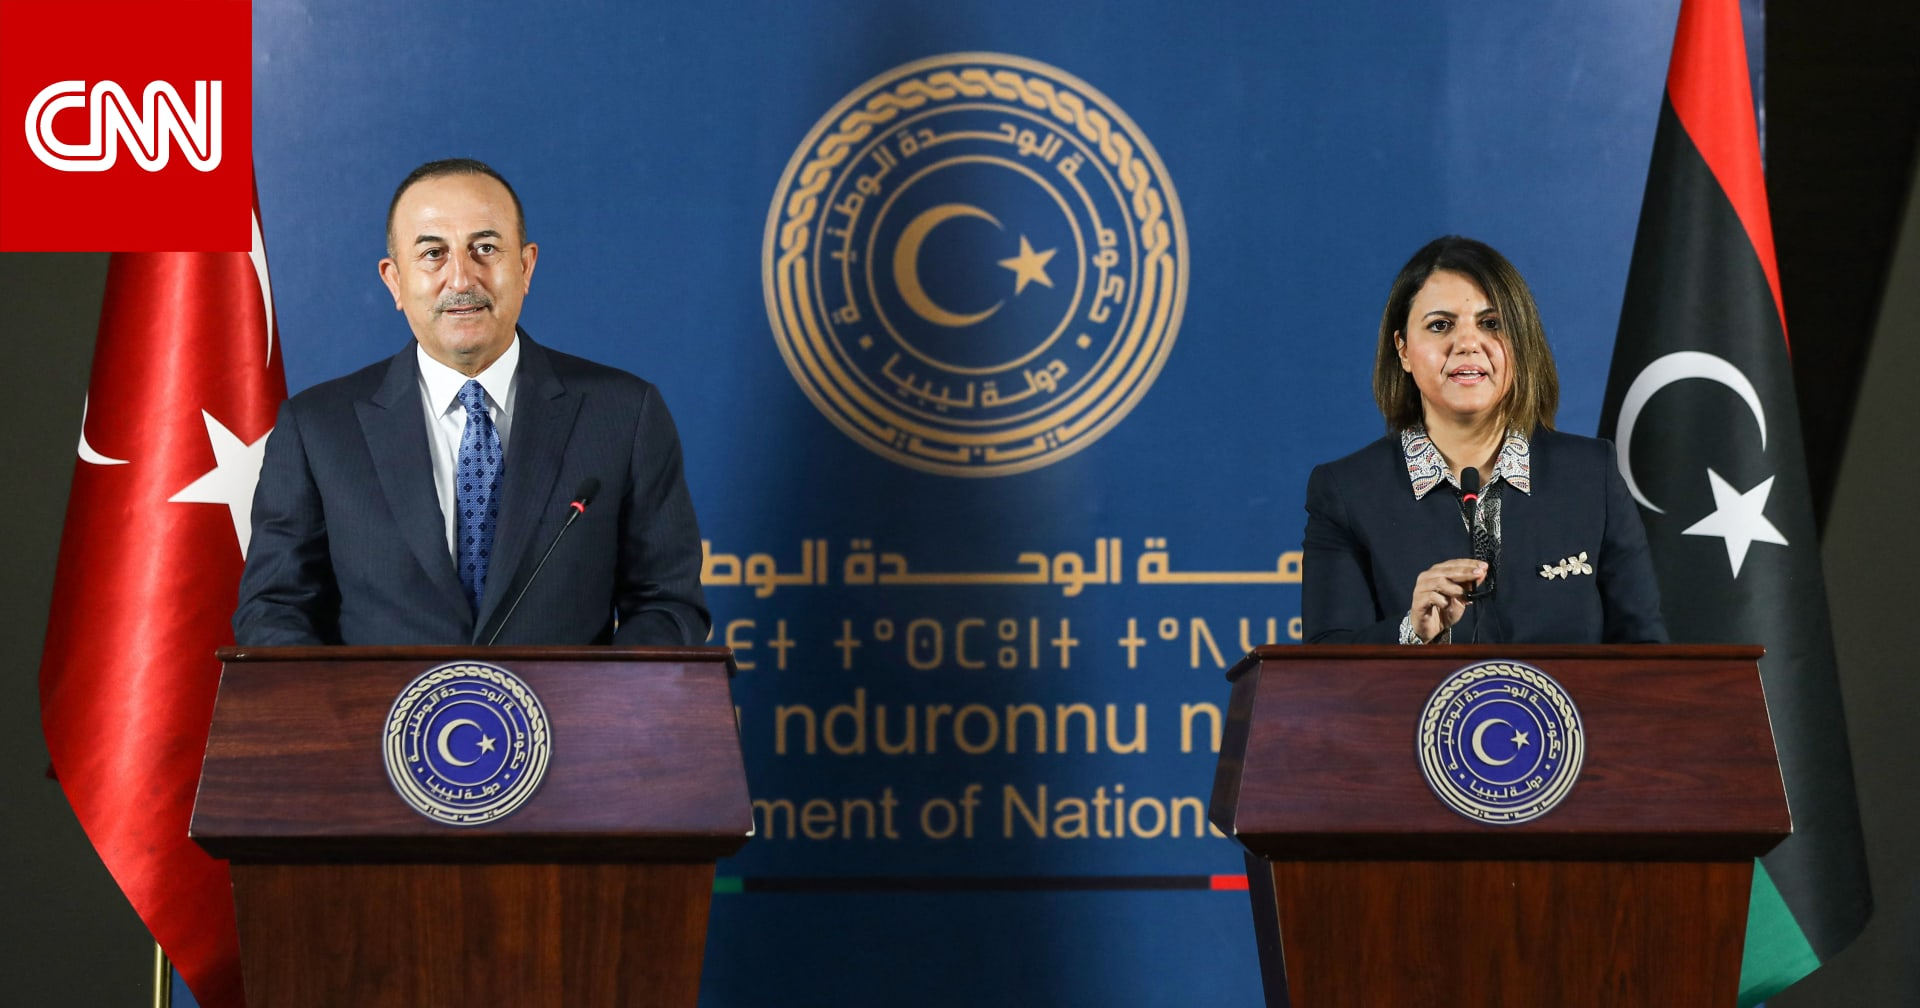 """تركيا تندد بـ""""عمل قبيح"""" ضد علمها في ليبيا: اعتداء شنيع على رمز قيمنا المقدسة"""